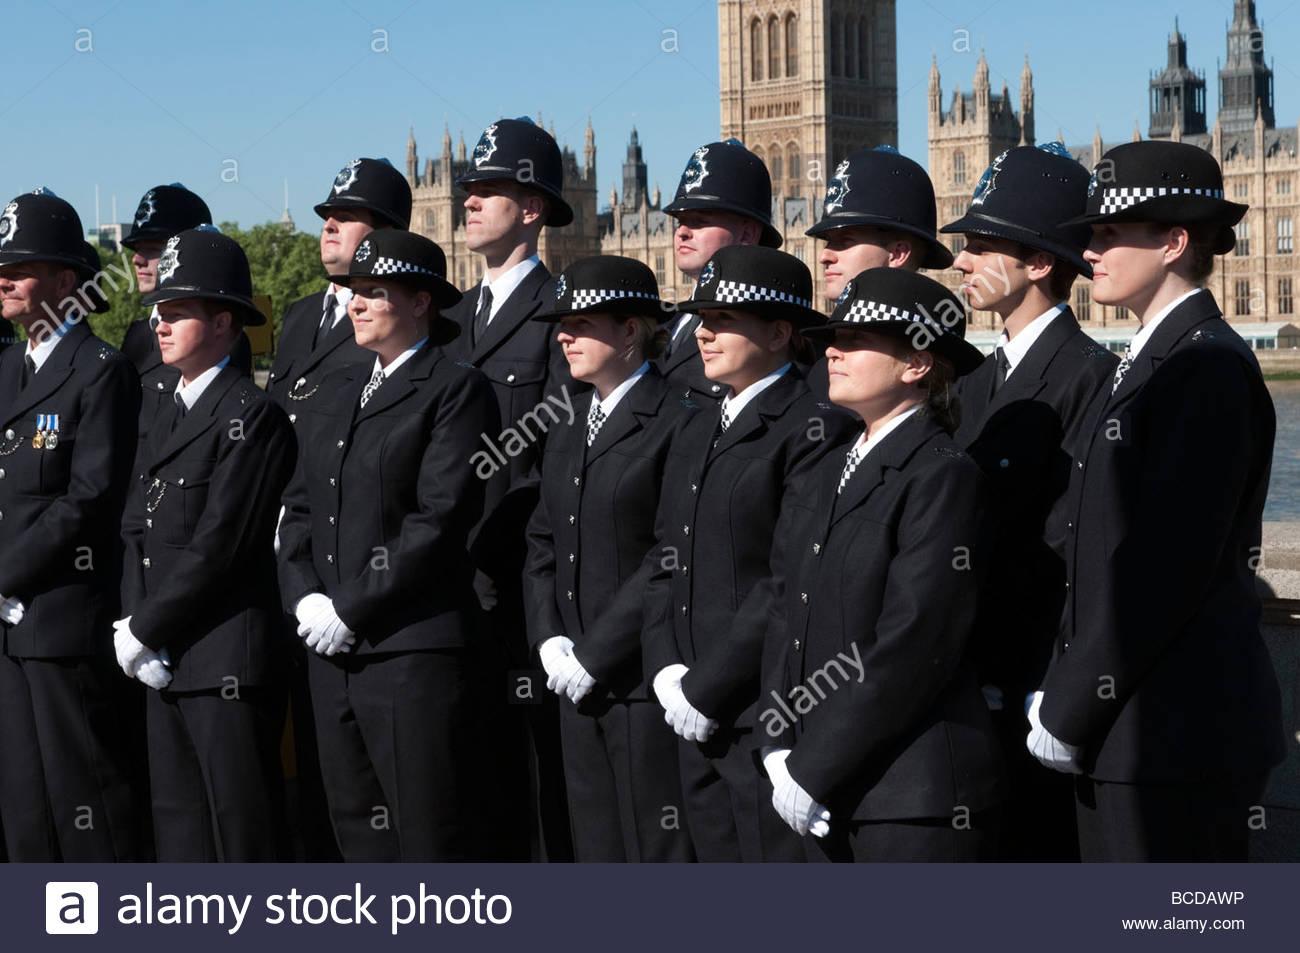 La polizia di Londra in posa per un funzionario foto di gruppo, England Regno Unito Immagini Stock